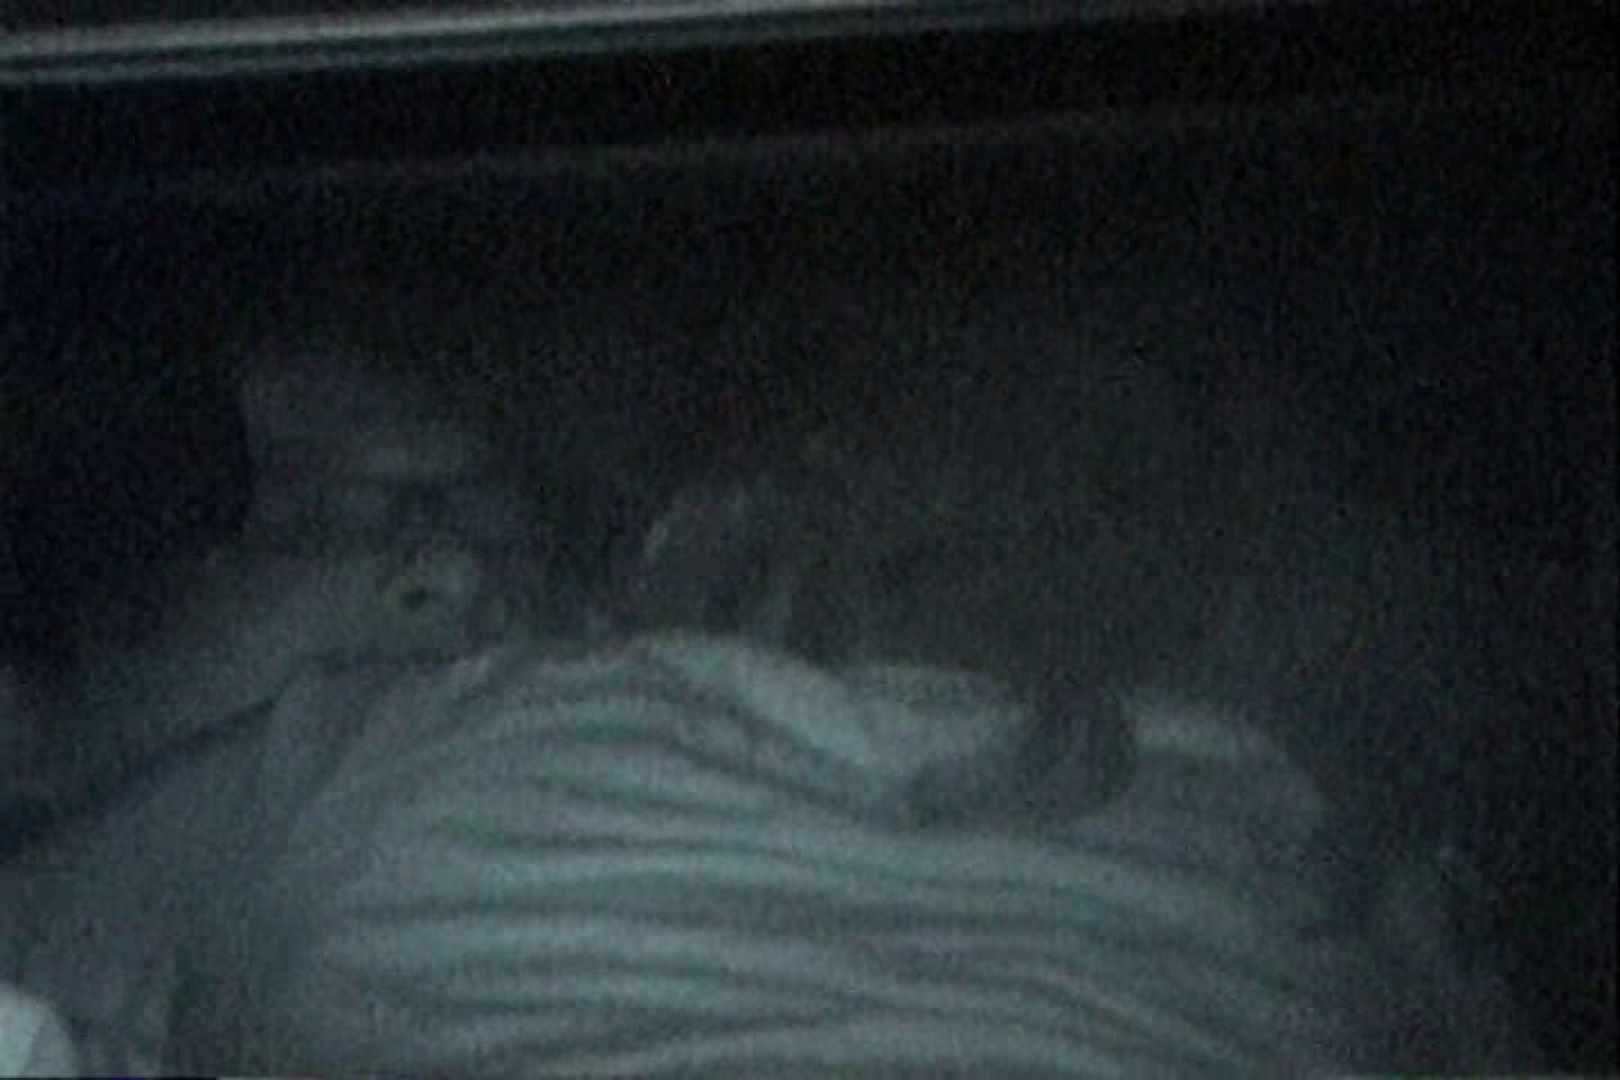 充血監督の深夜の運動会Vol.151 エッチなセックス   エロティックなOL  97画像 25